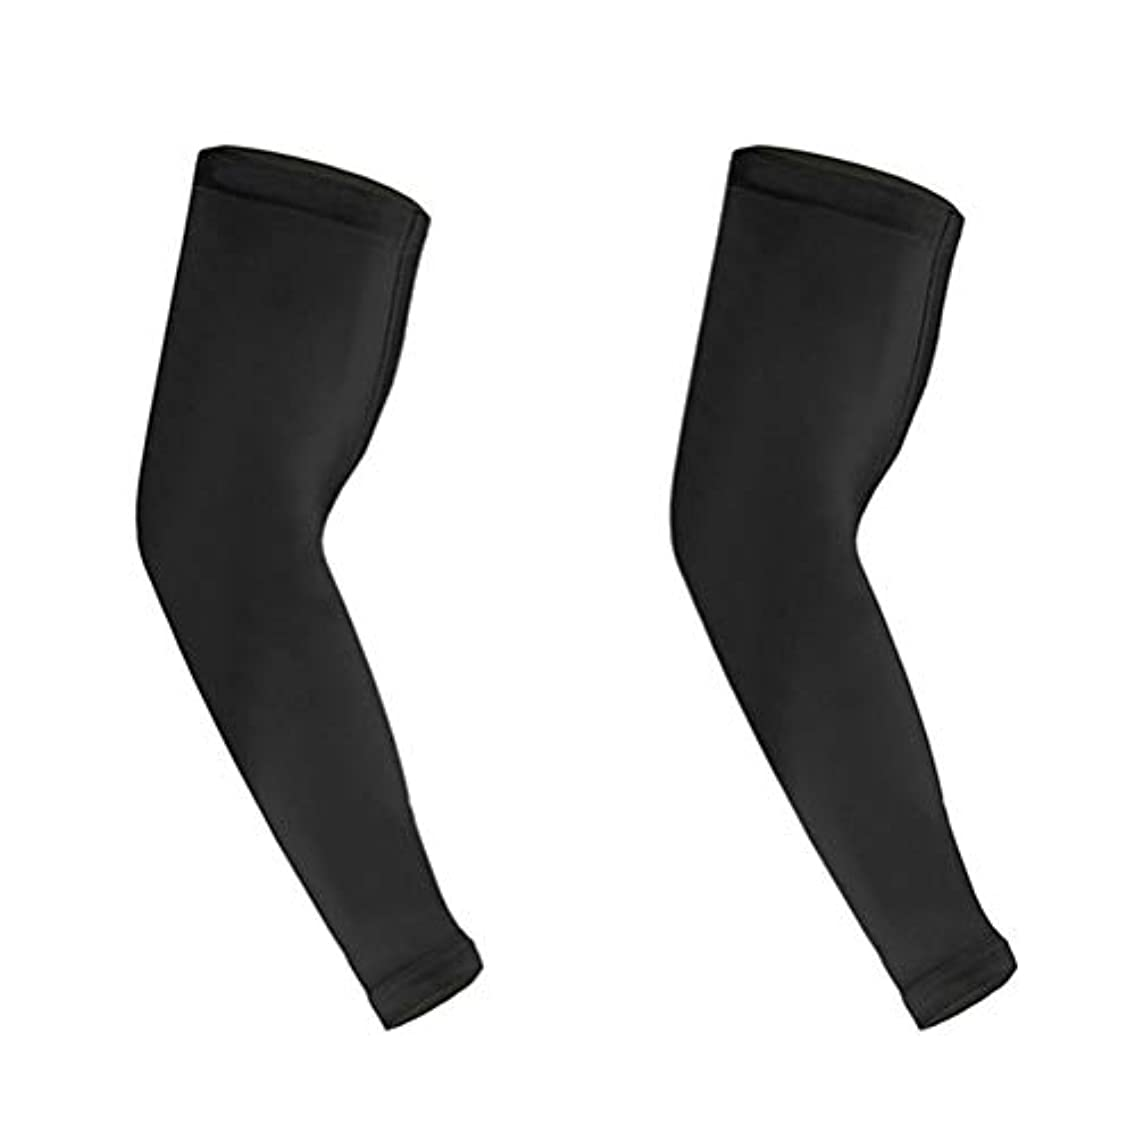 クラス摂氏度告白HEALIFTY 男性用スポーツアームスリーブ肘袖ロング肘サポートスリーブM 2本(ブラック)